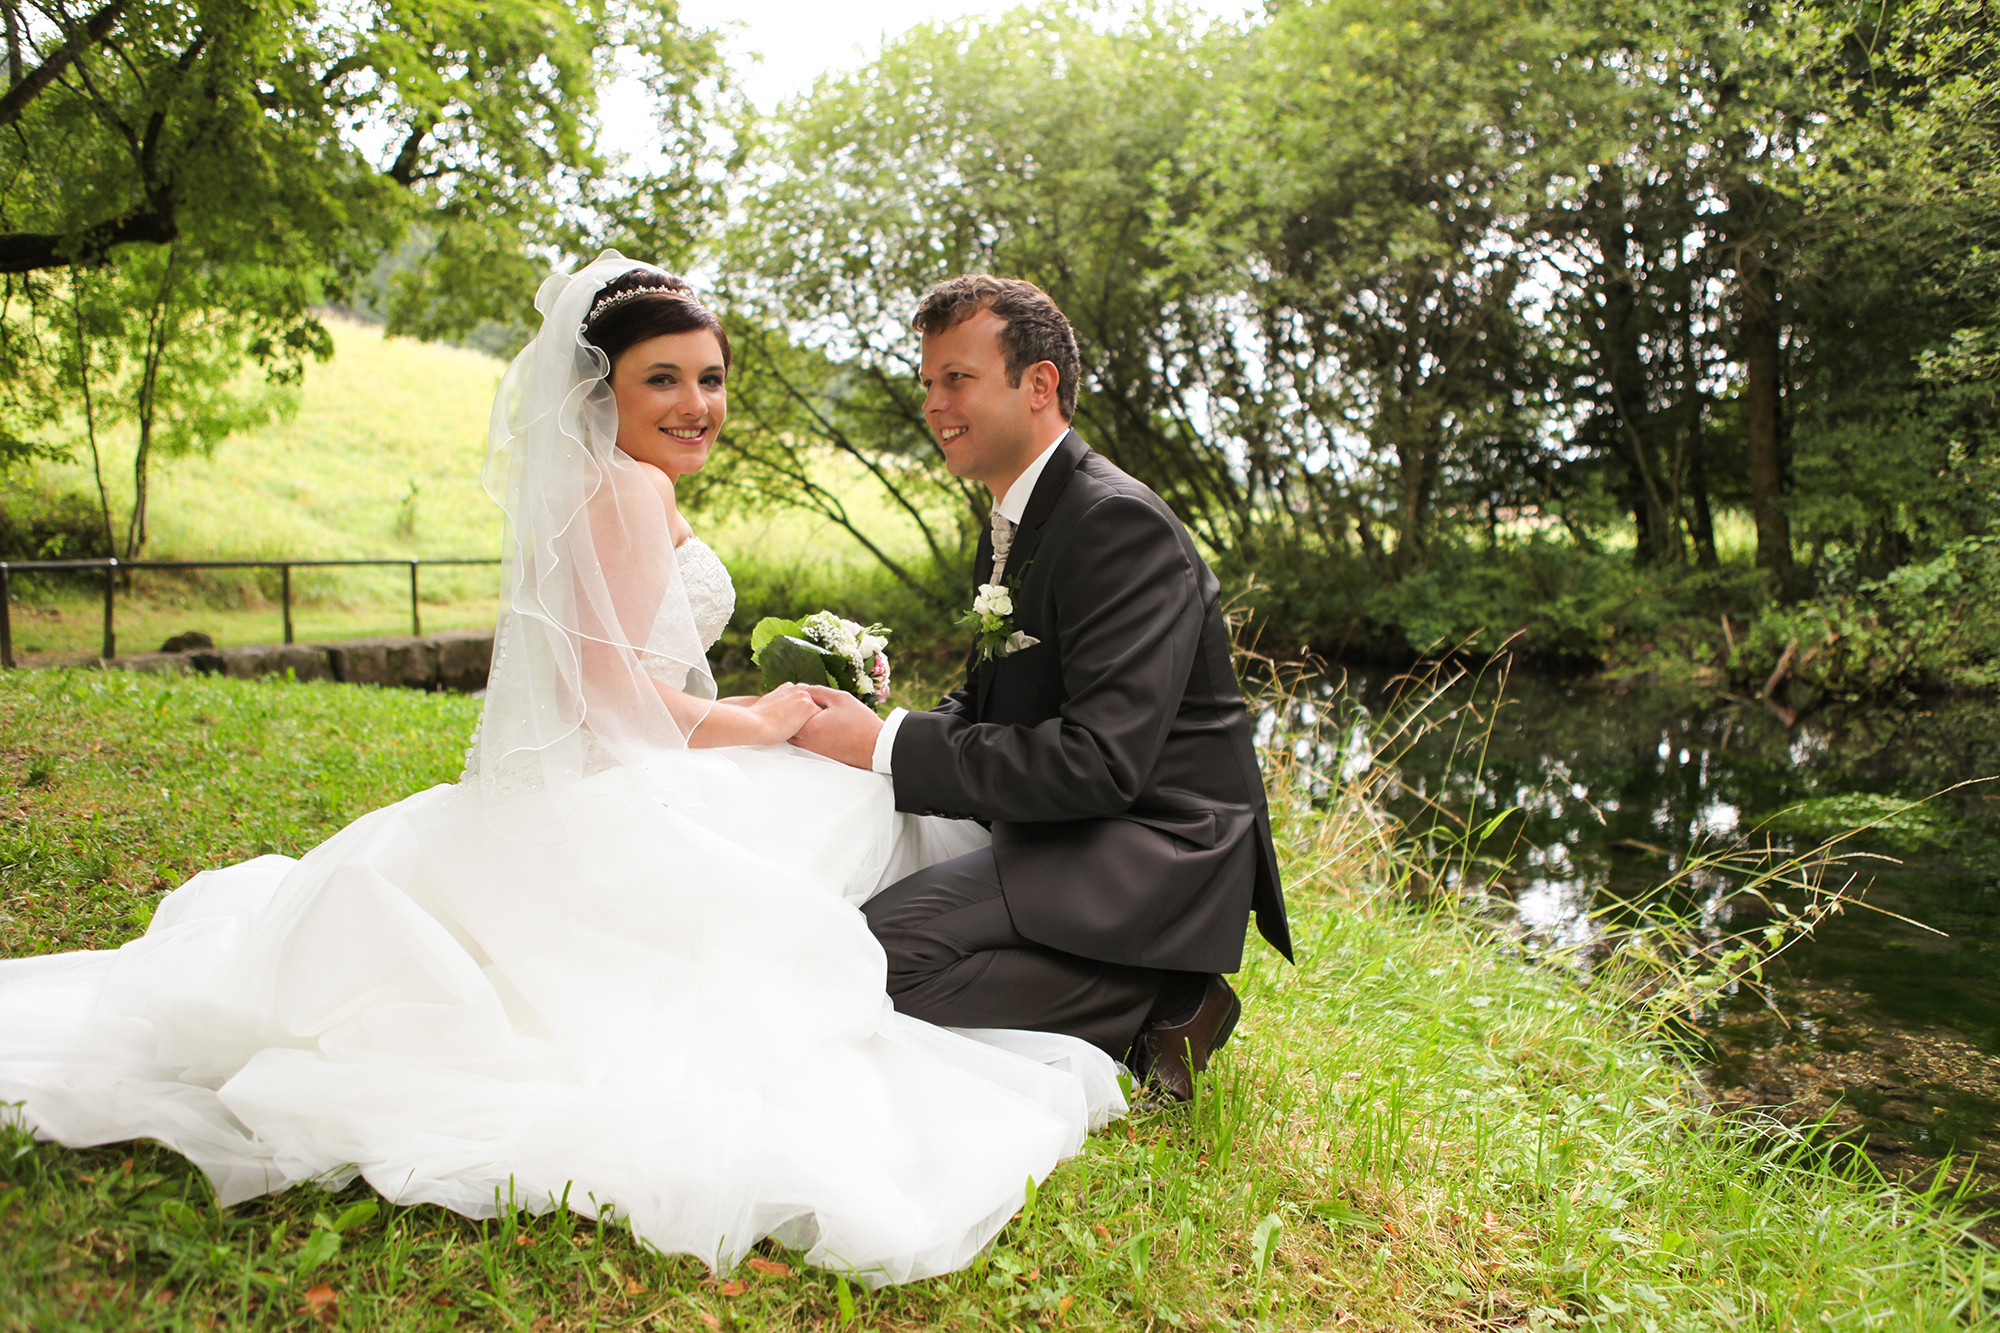 Liebe Blogleser, dieses Jahr ist vorbei und ab morgen steht am Ende des Datums die Zahl 2015. Ich hatte zum Ende des Sommers hin noch viele Hochzeiten, die mich auch teilweise vom Schreiben abhielten. Es entstanden viele sehr schöne Fotos und auch das Feedback der Hochzeitspaare war durchwegs positiv, was […]